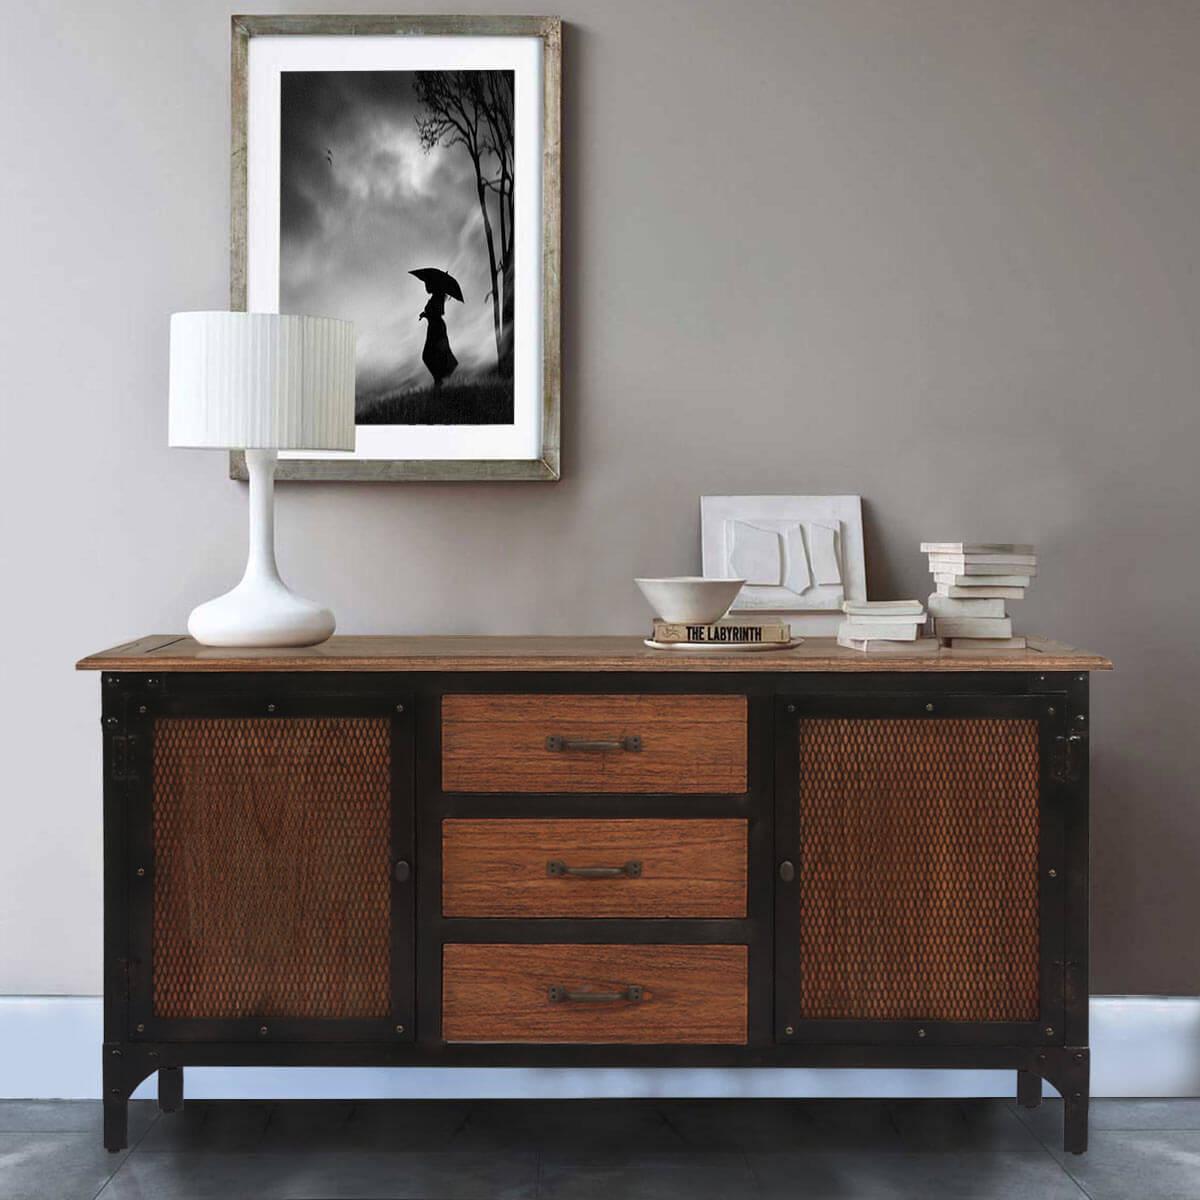 Kenton Reclaimed Teak Wood 3 Drawer Industrial Sideboard Cabinet